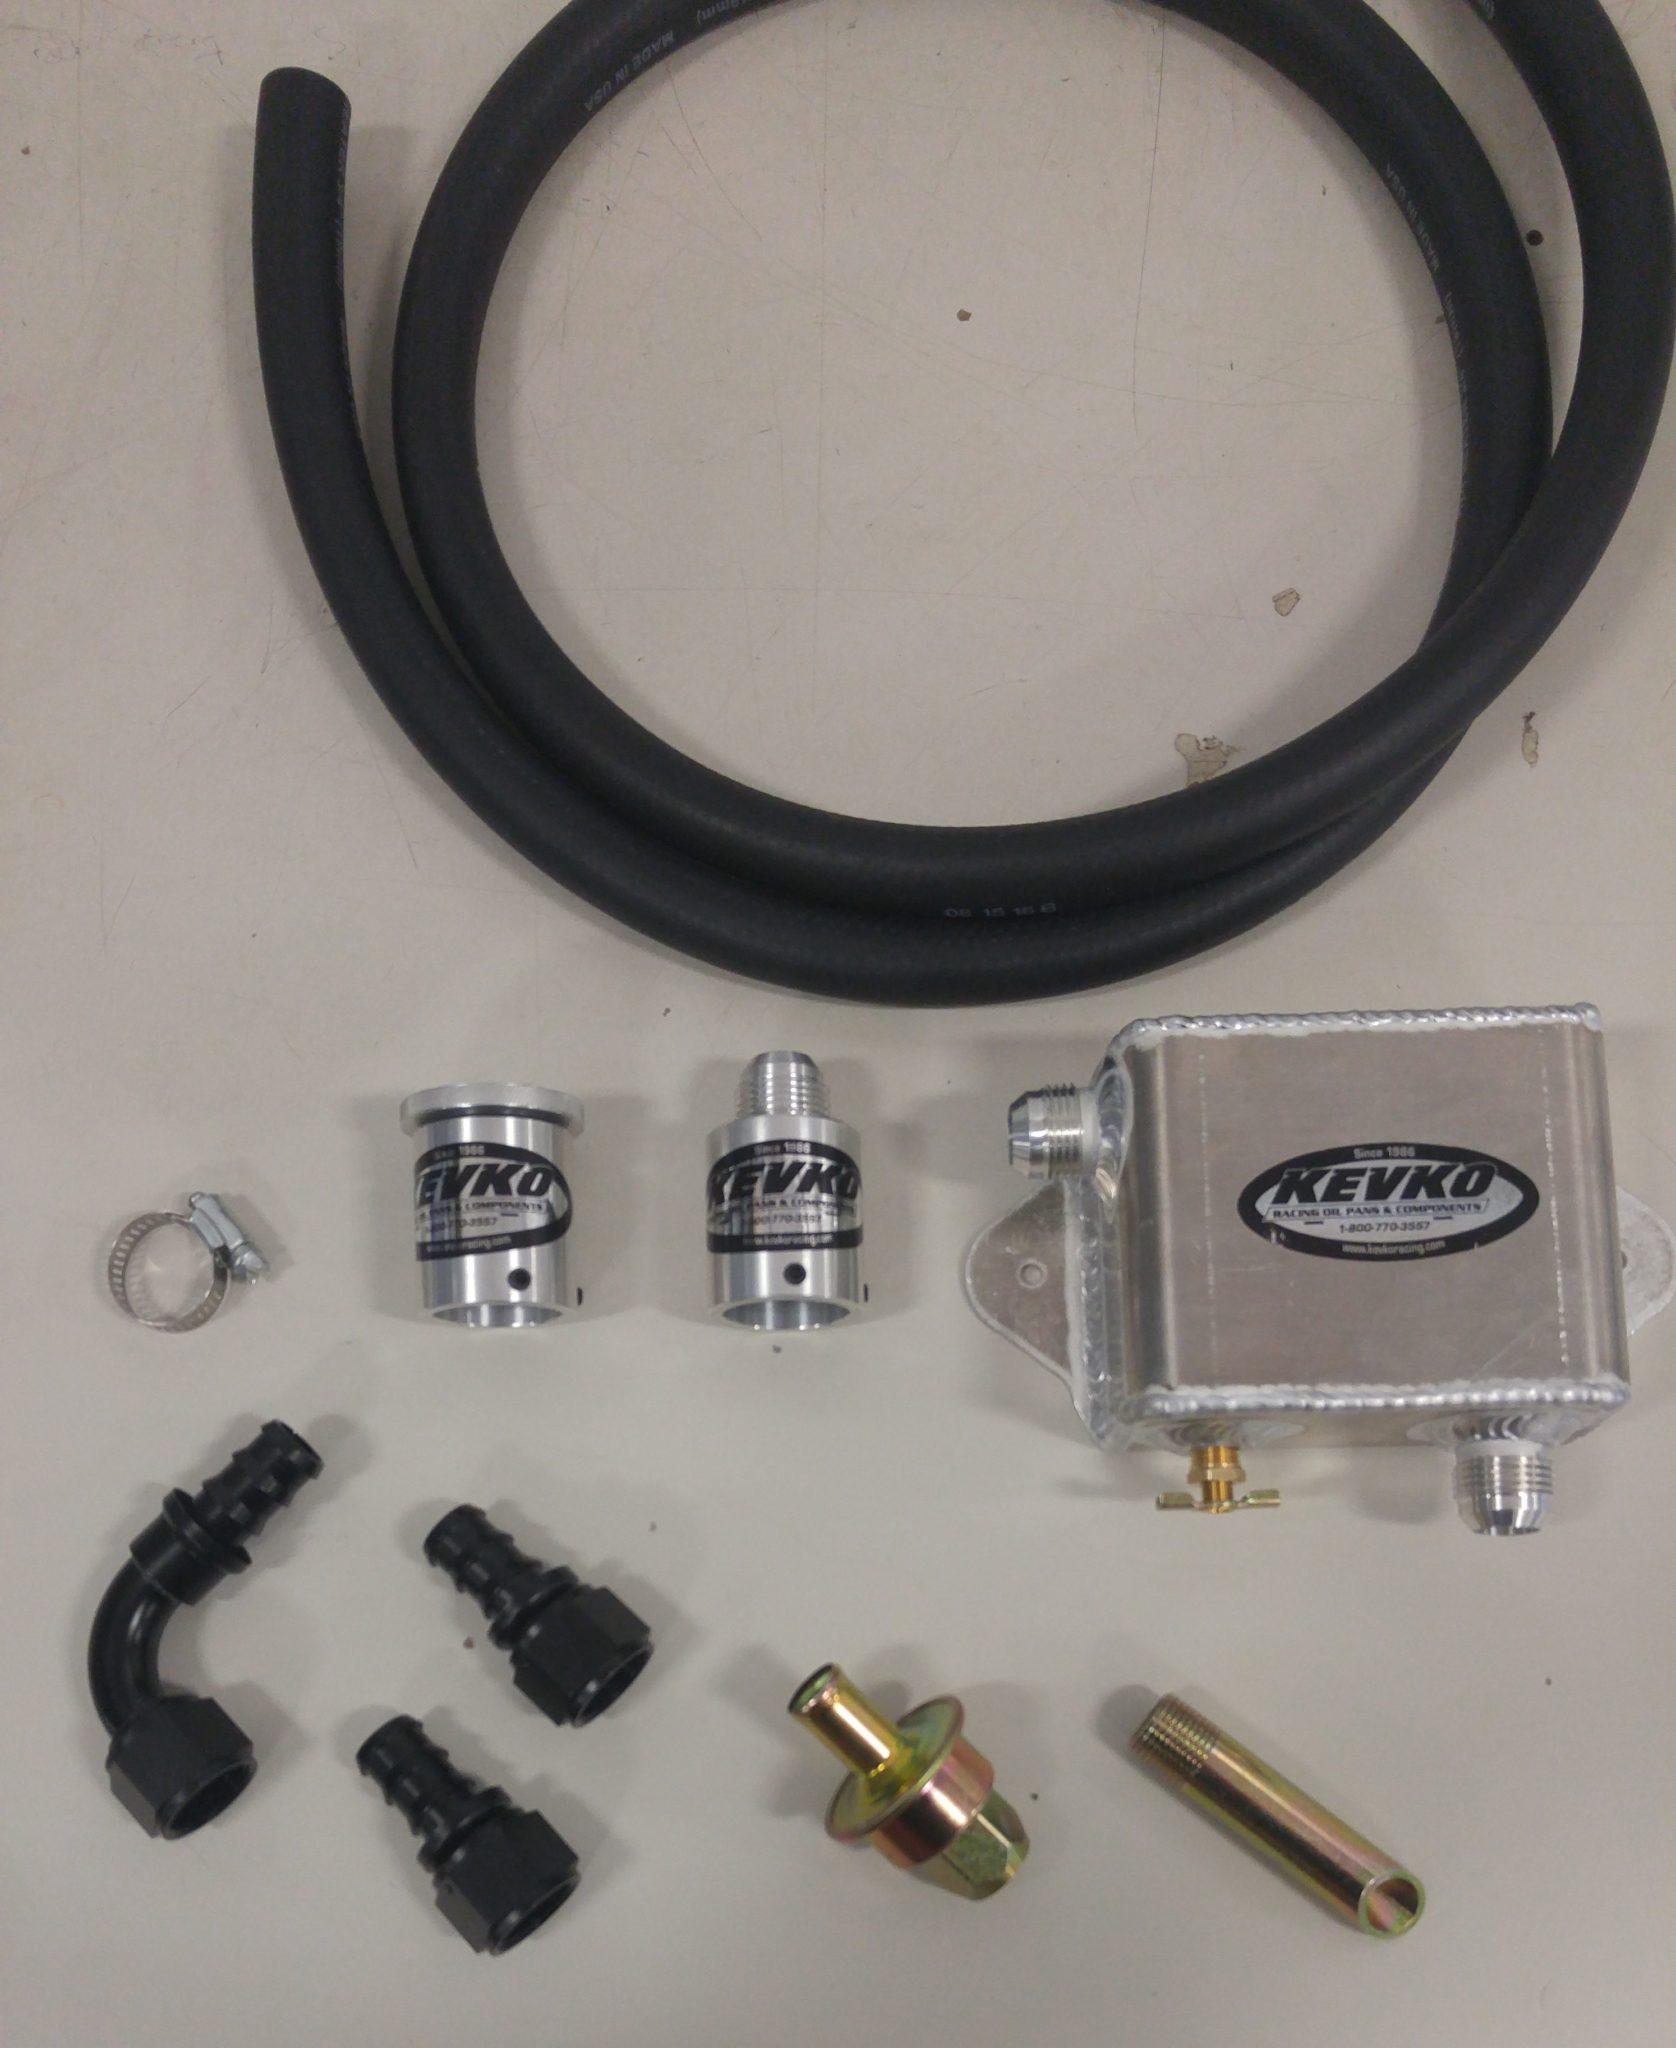 Kevko Evac Kit Parts w/ Hose